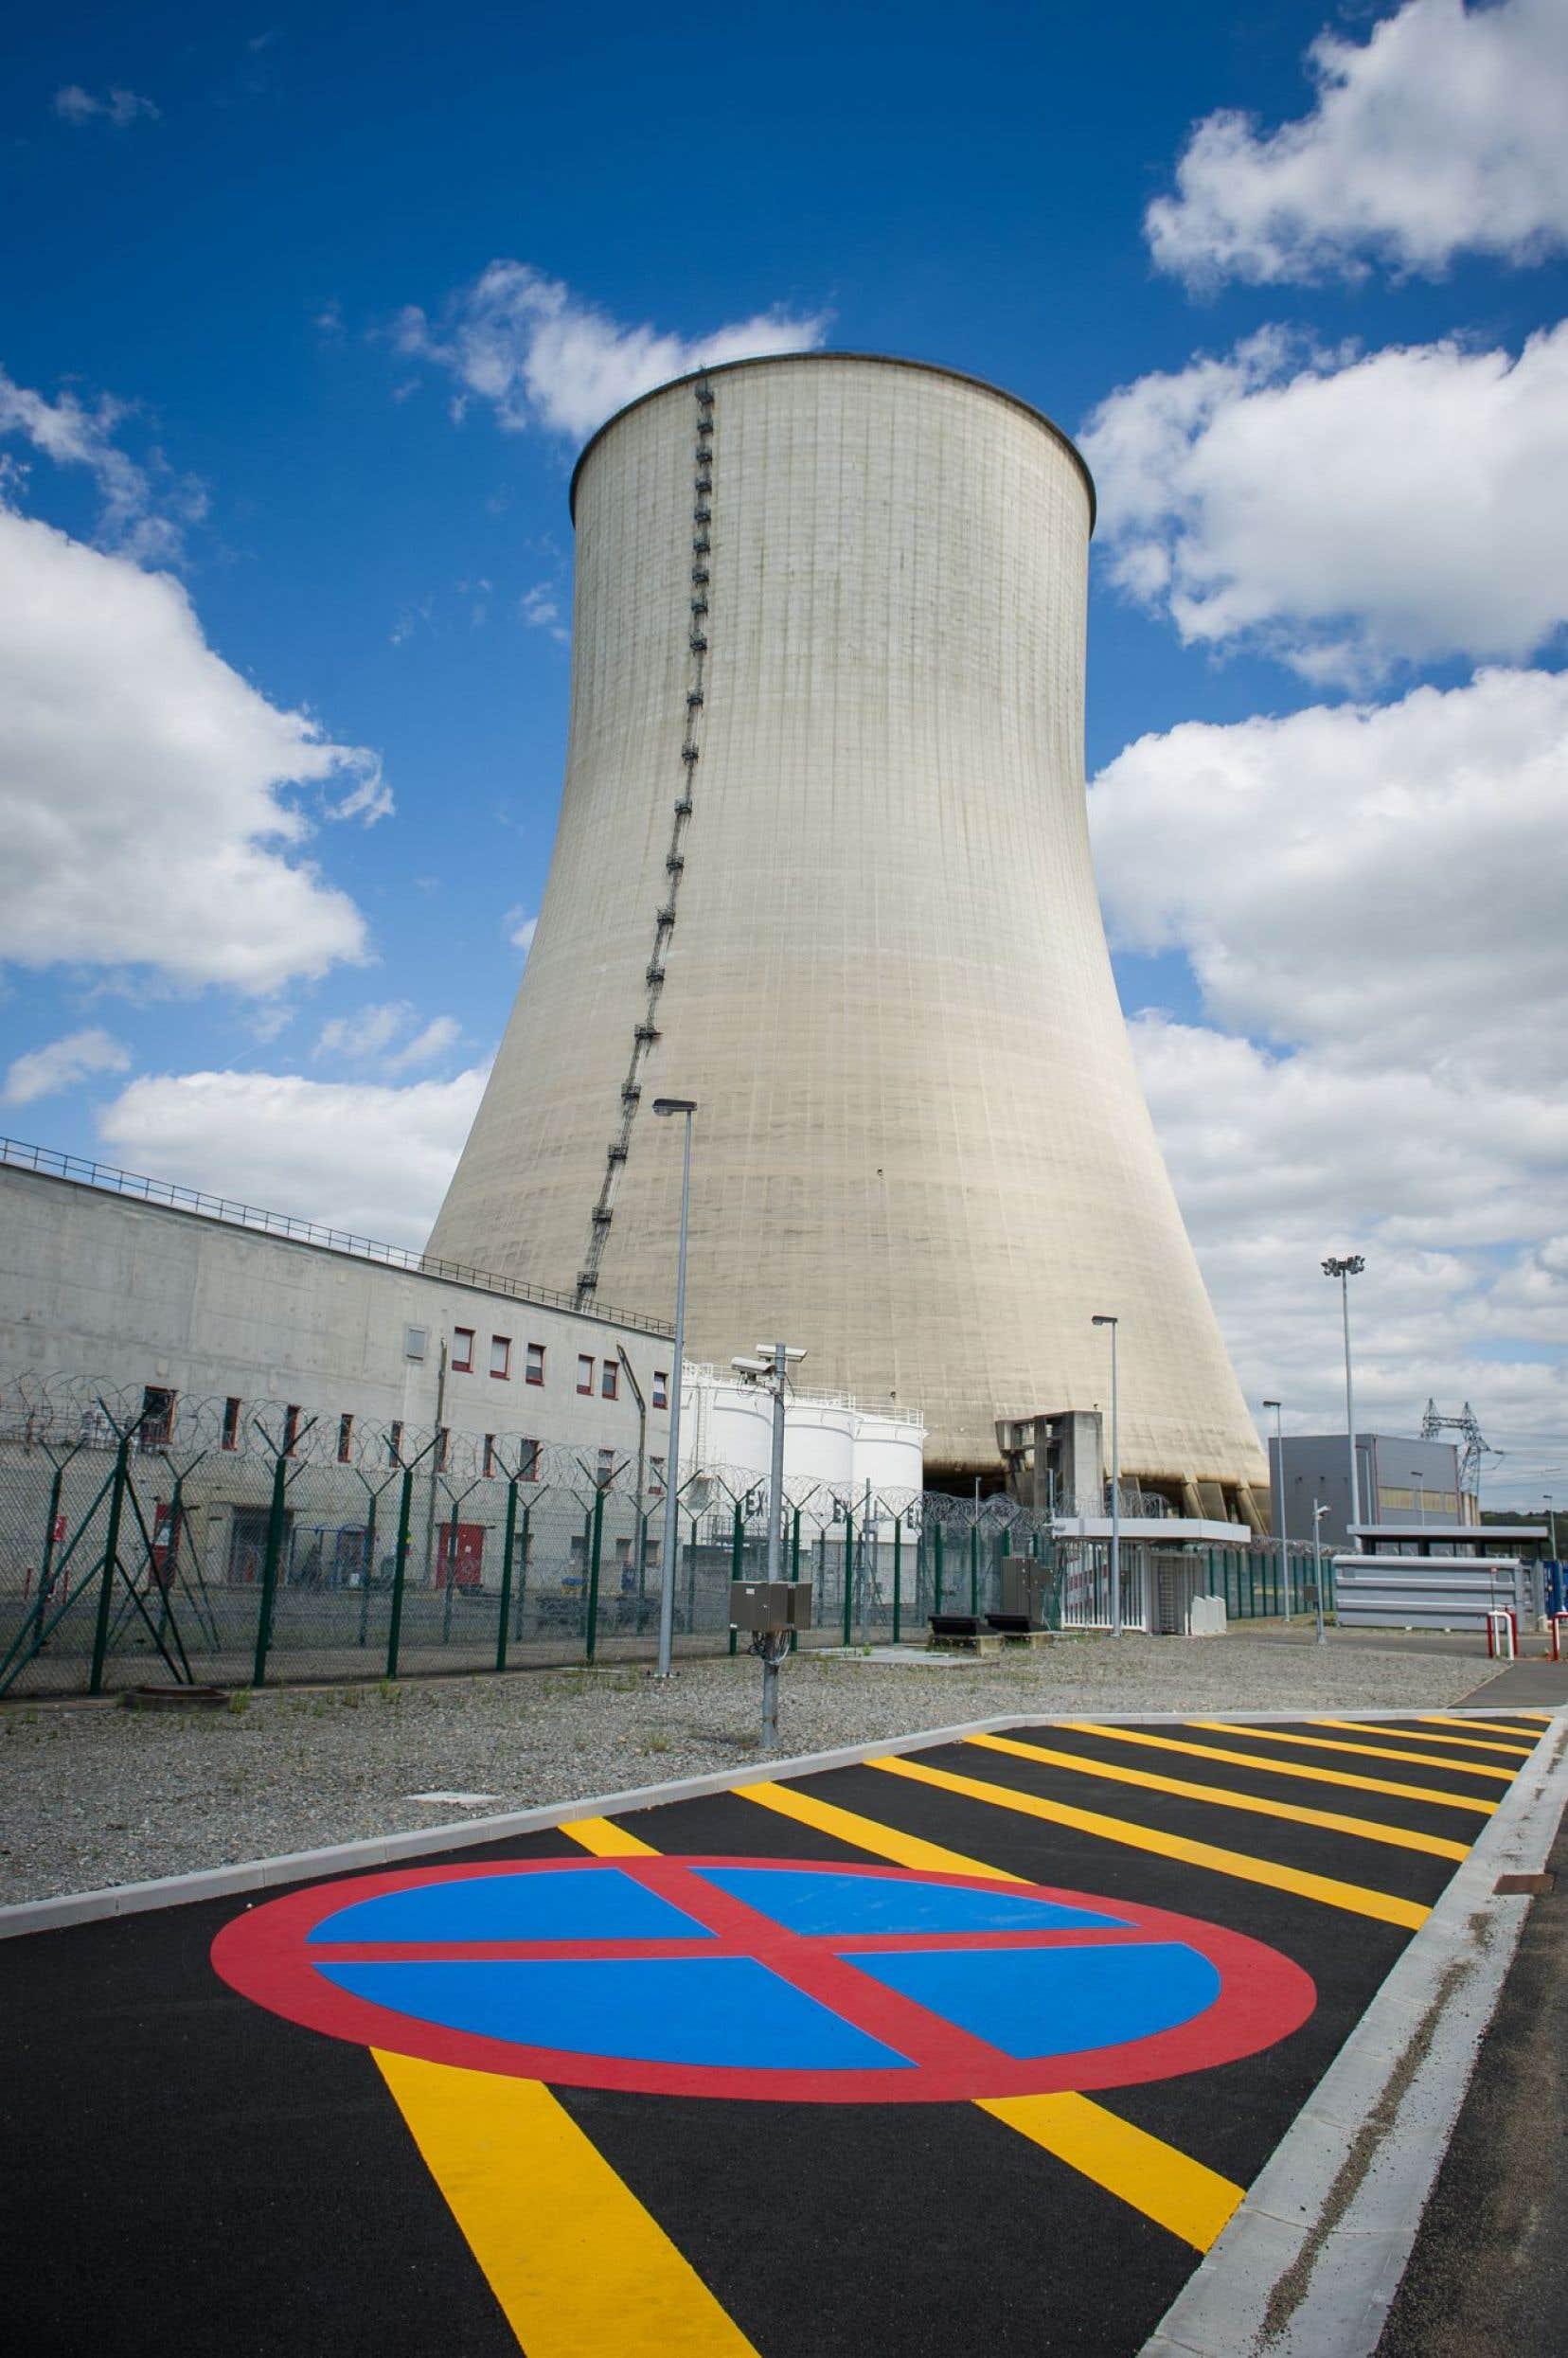 Une tour de refroidissement de la centrale nucléaire de Civaux, en France. Un seul accident nucléaire grave en France reviendrait à 140milliards de dollars au minimum, a-t-on estimé en 2012.